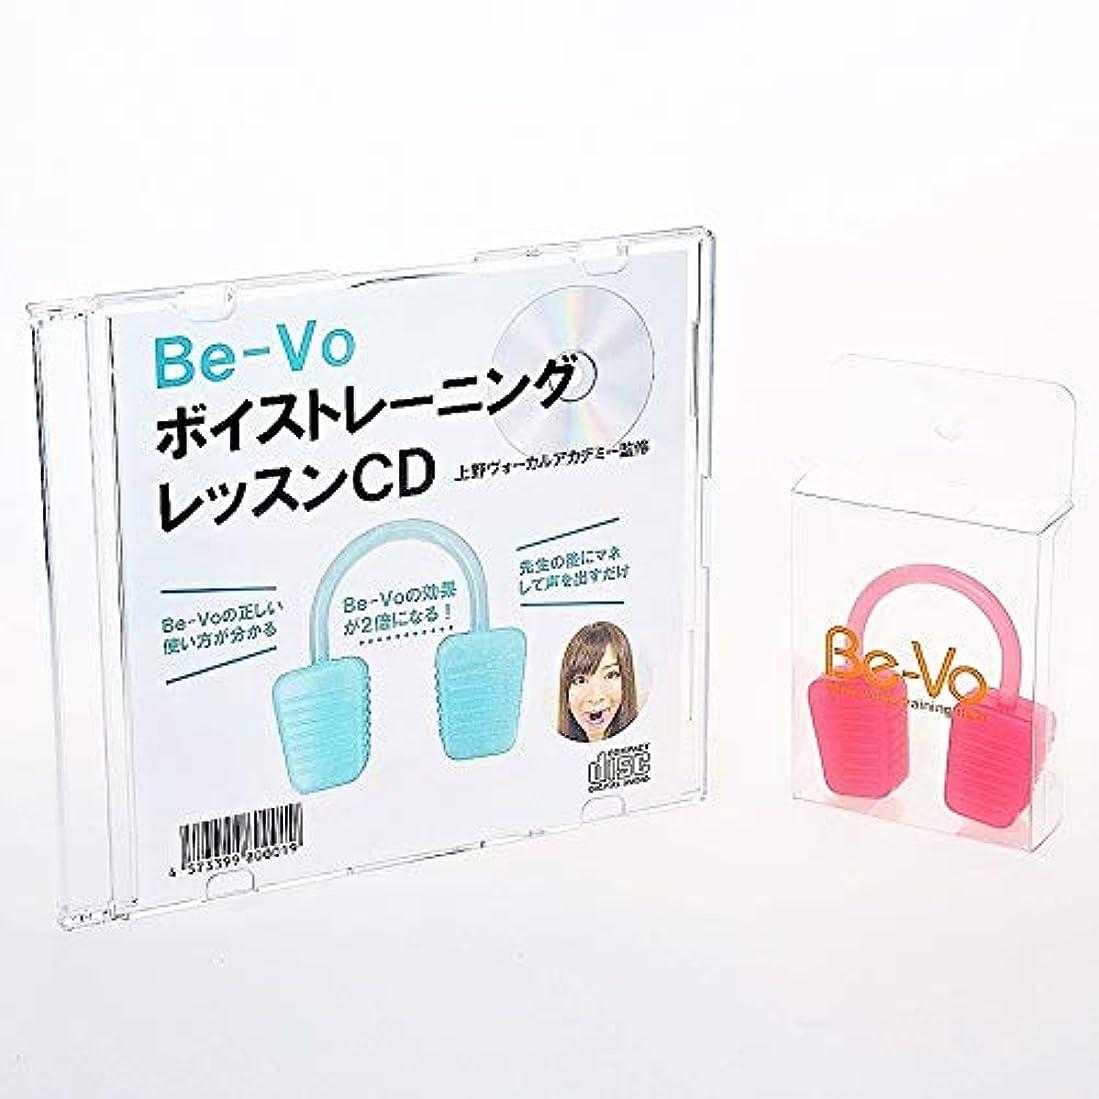 実際代名詞写真撮影Be-Vo CD セット ピンク|ボイストレーニング器具Be-Vo(ビーボ)+Be-VoボイストレーニングレッスンCD2点セット